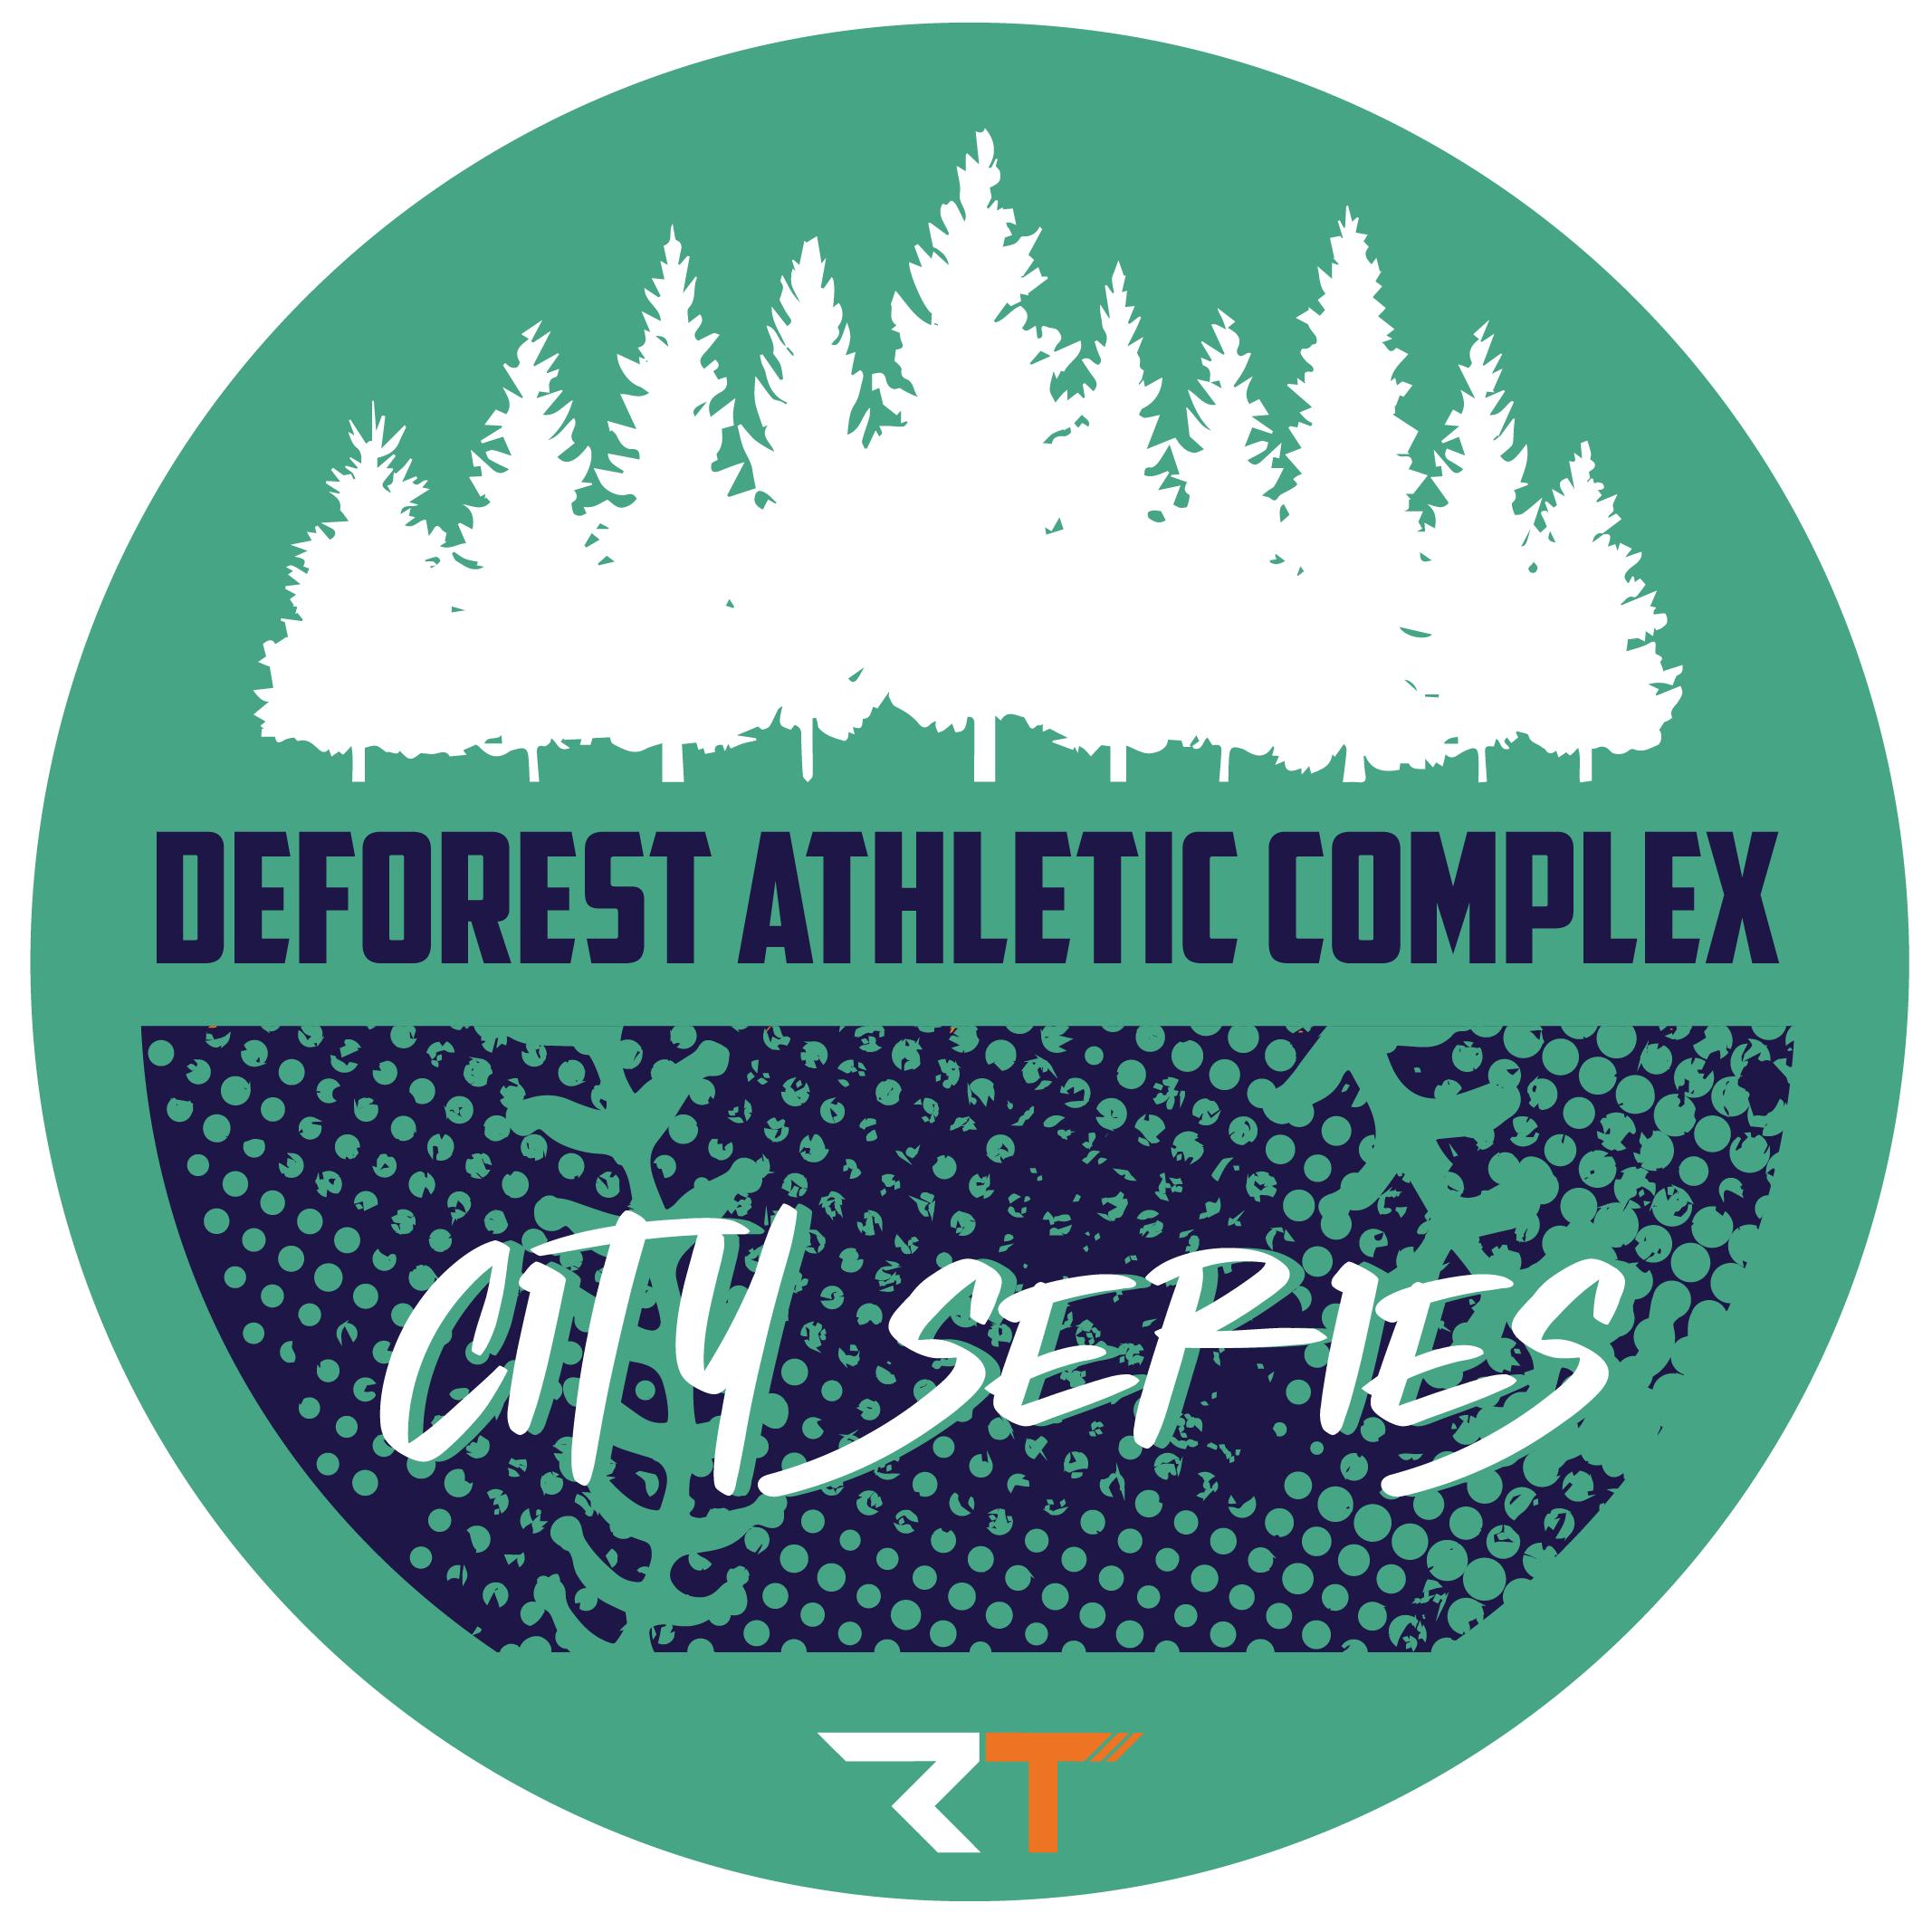 City Series - Deforest